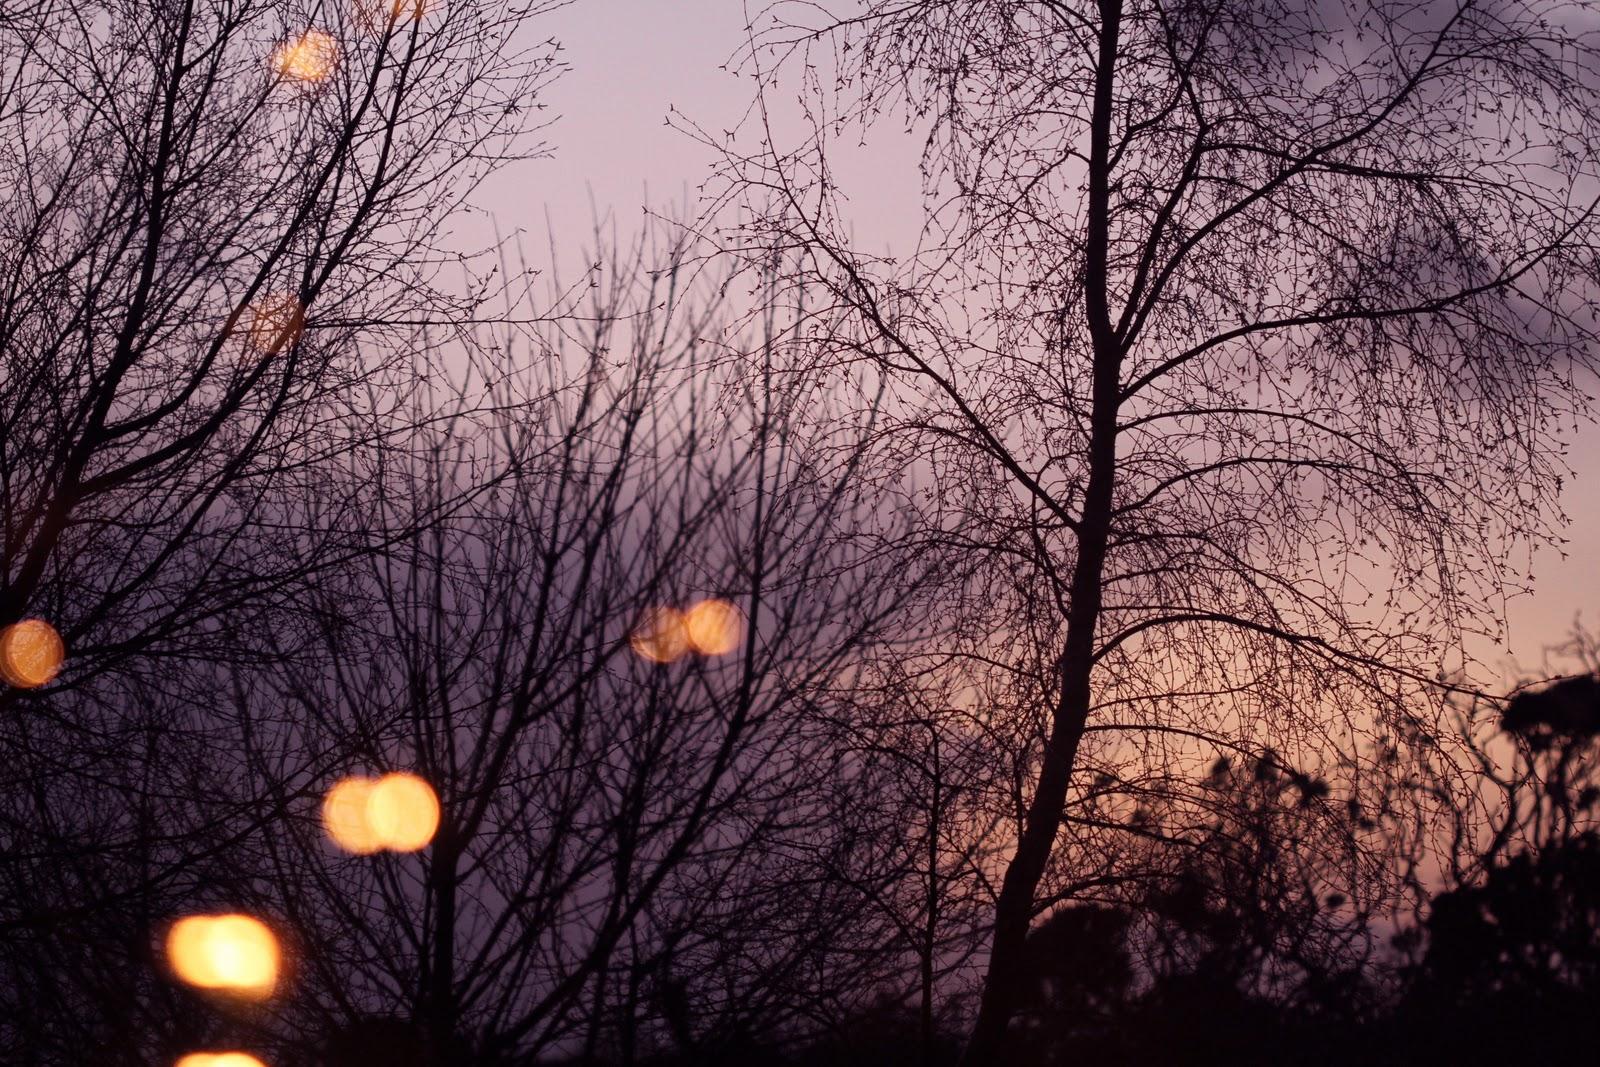 December dusk from my window